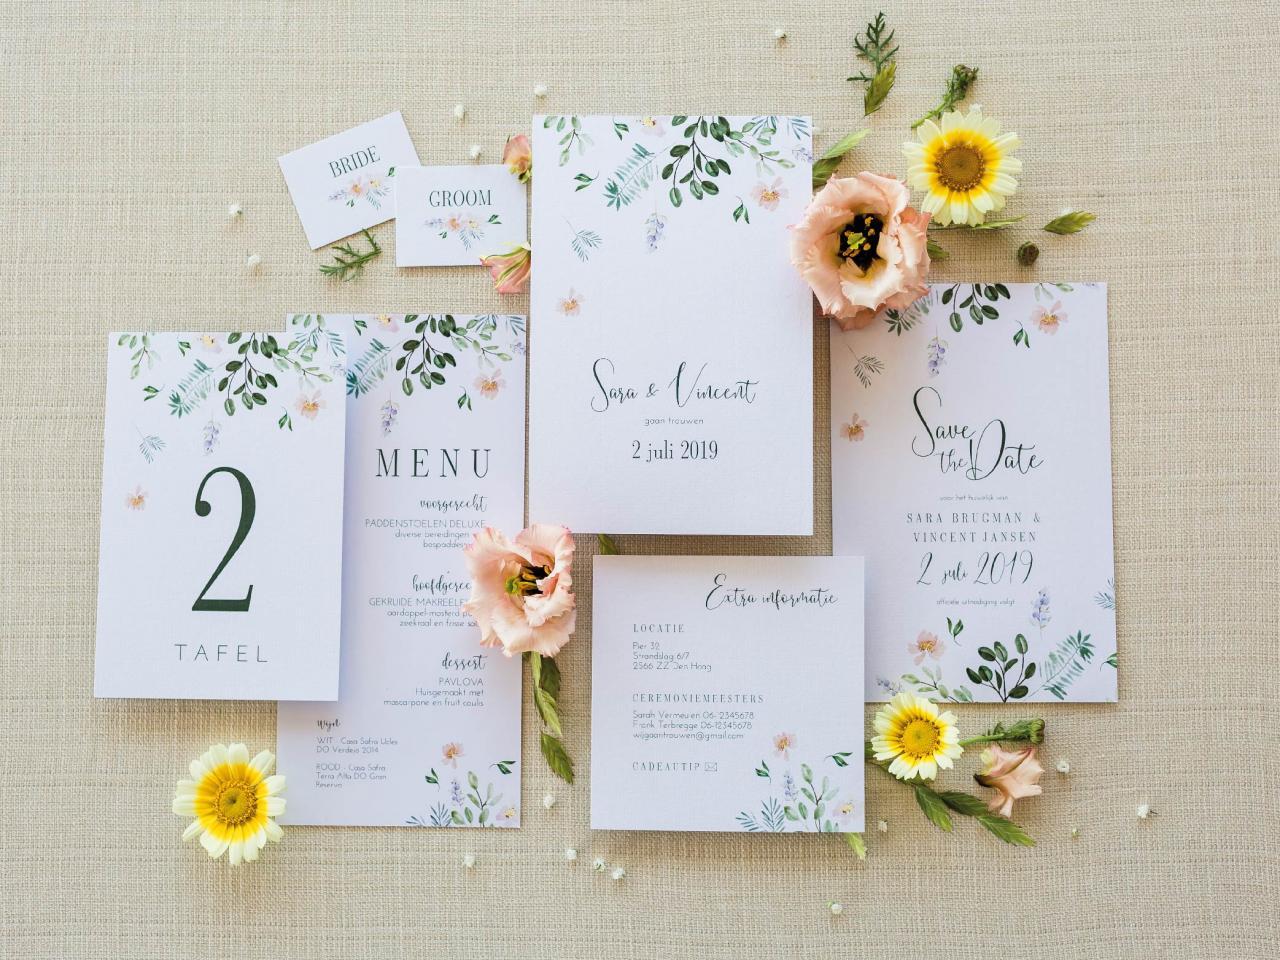 Trouwhuisstijl Sweet Romance trouwkaart Romantisch Aquarel en Watercolor Stijlvol